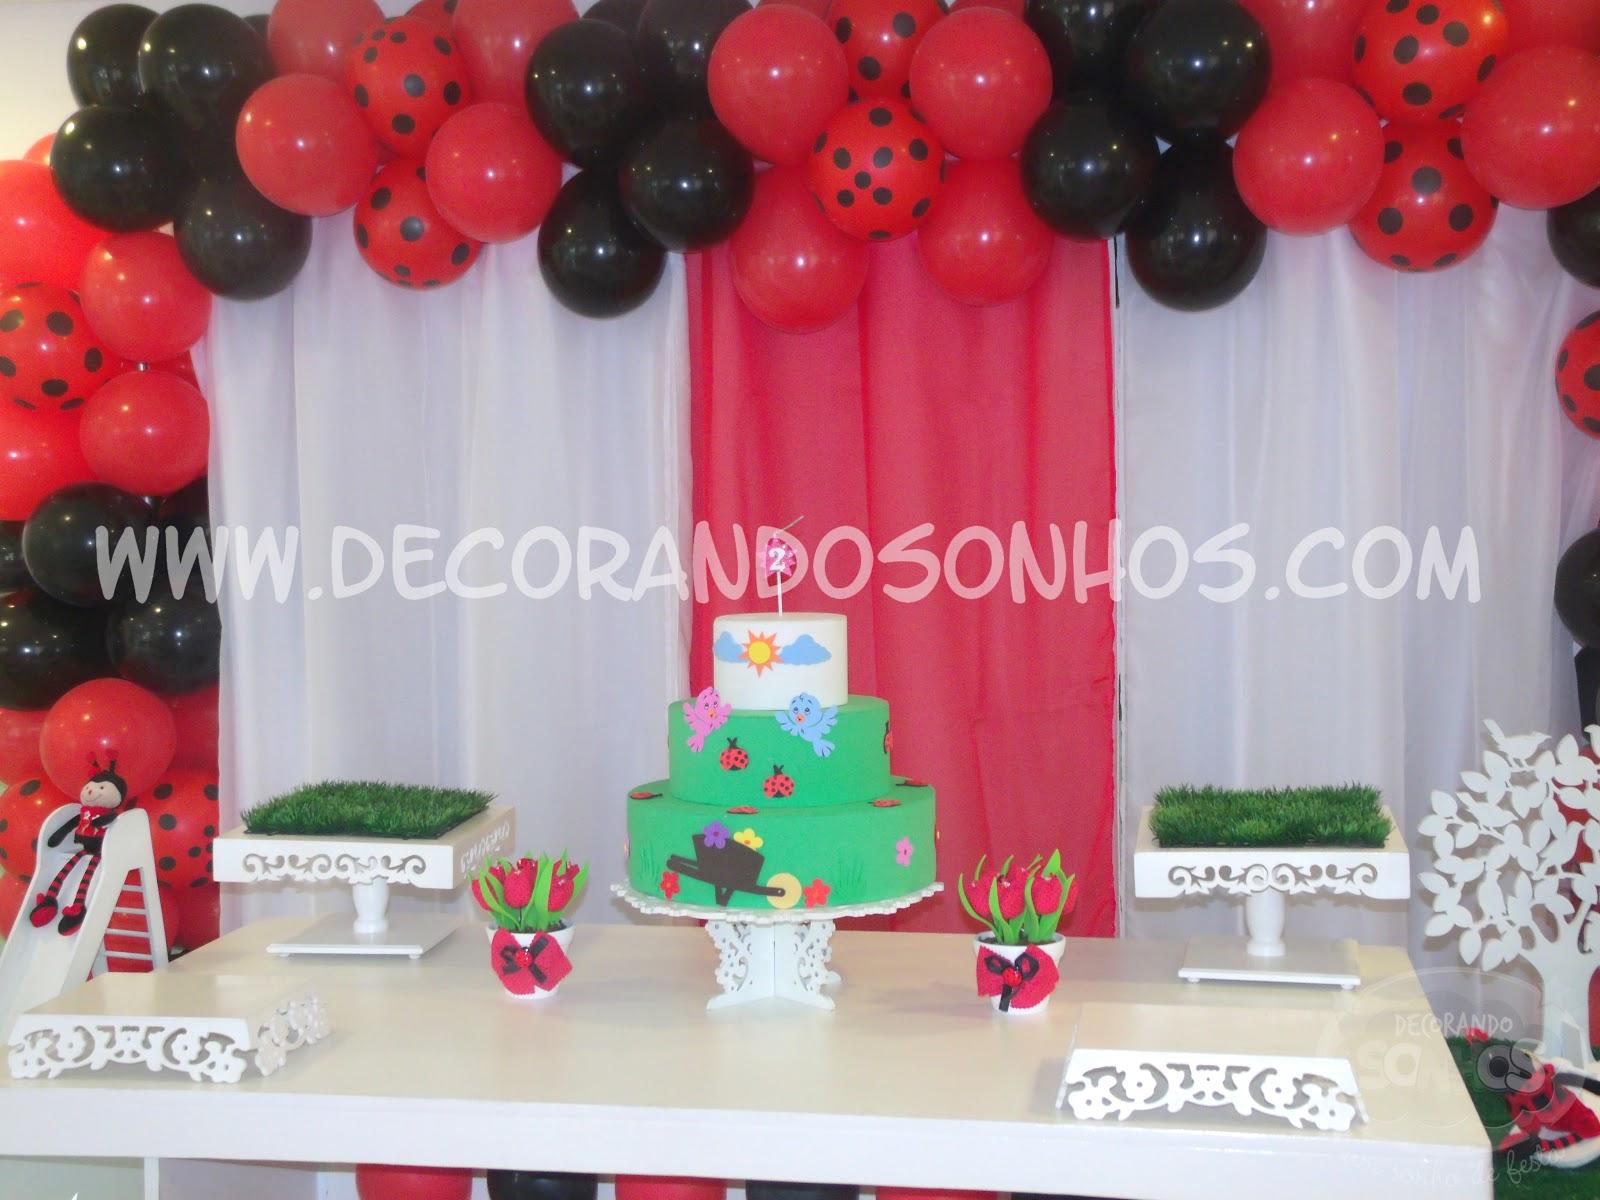 decoracao de festa infantil jardim das joaninhas:+clean+jardim+encantado+decoração+de+festa+infantil+joaninha+festa